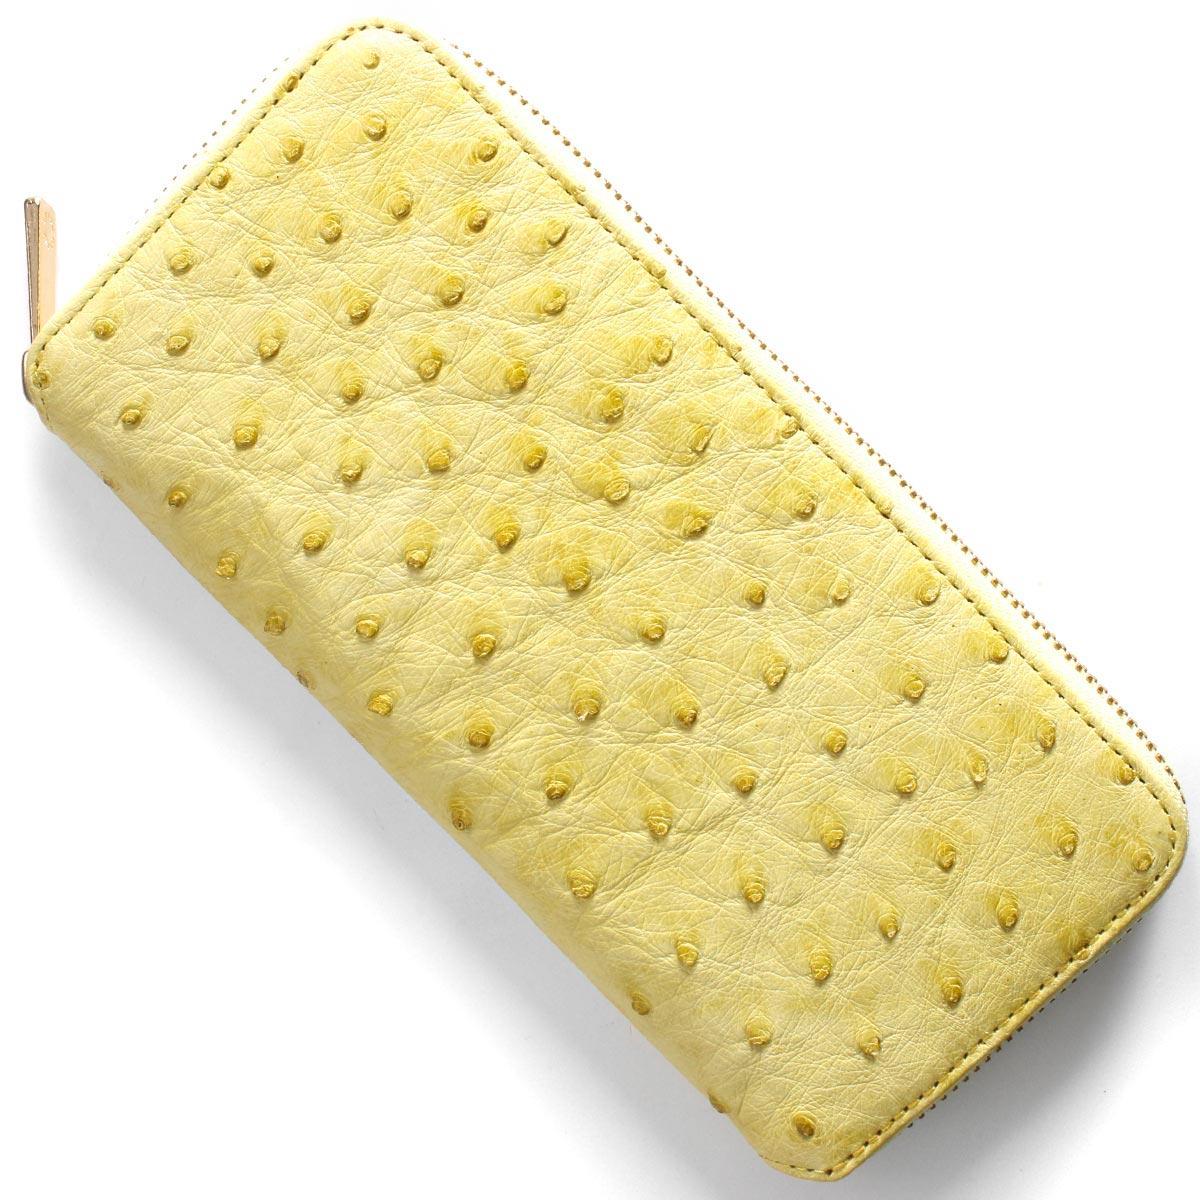 本革 長財布 財布 レディース オーストリッチ イエロー CROS002 YEL Leather